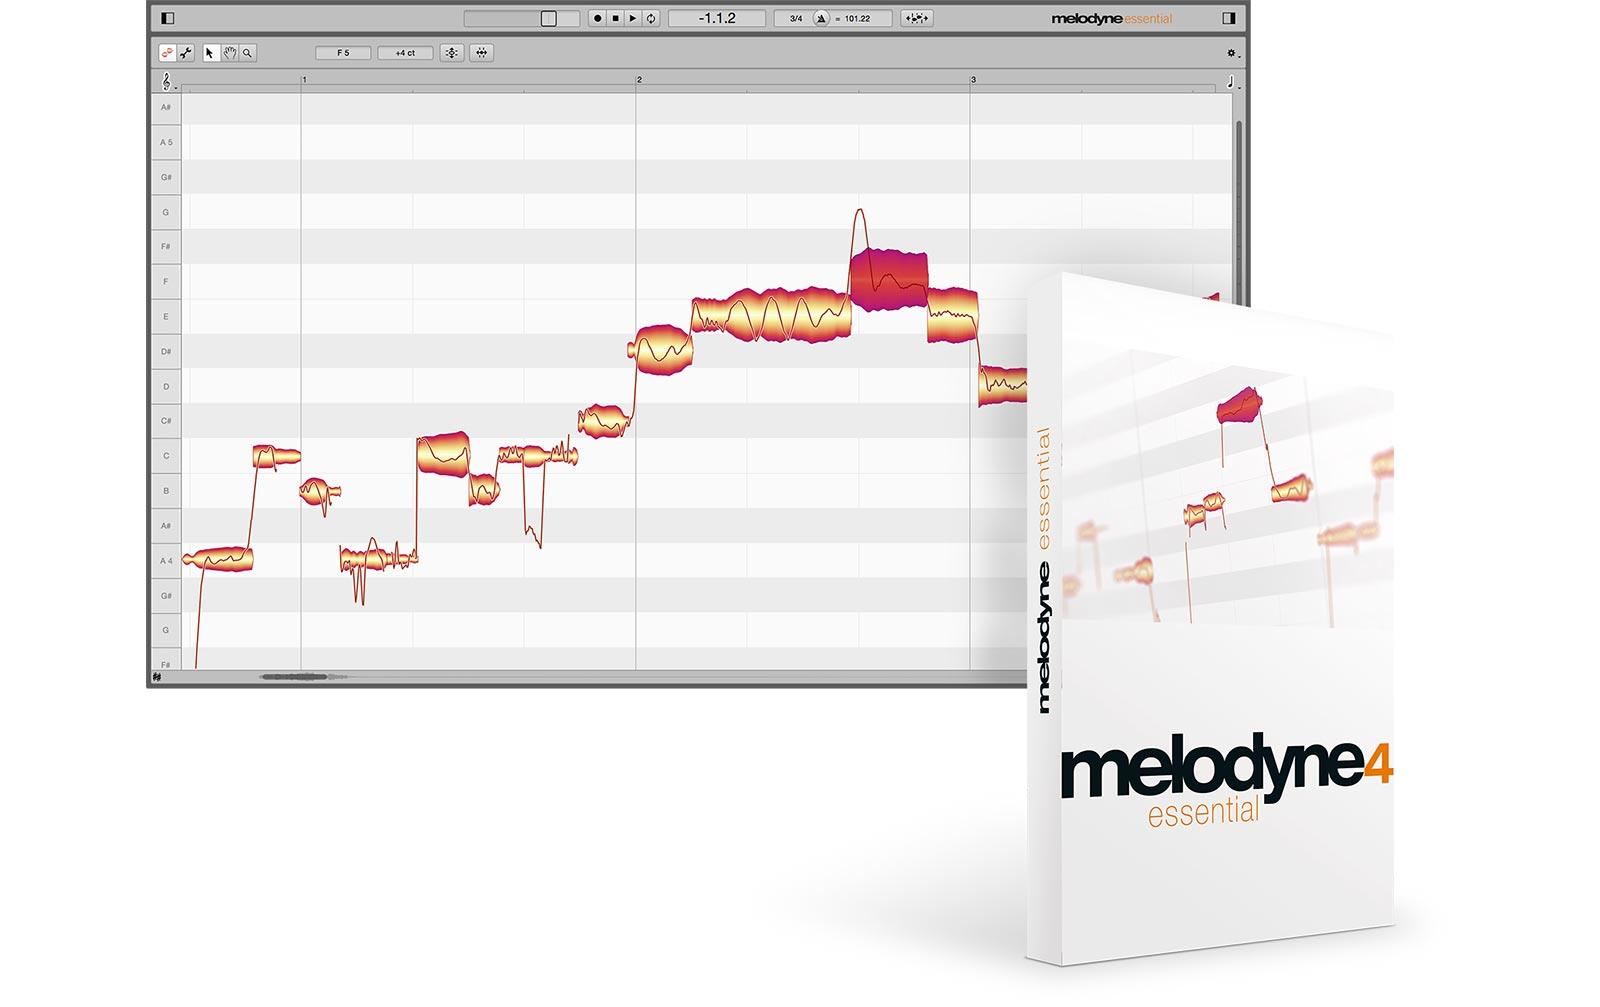 celemony-melodyne-4-essential